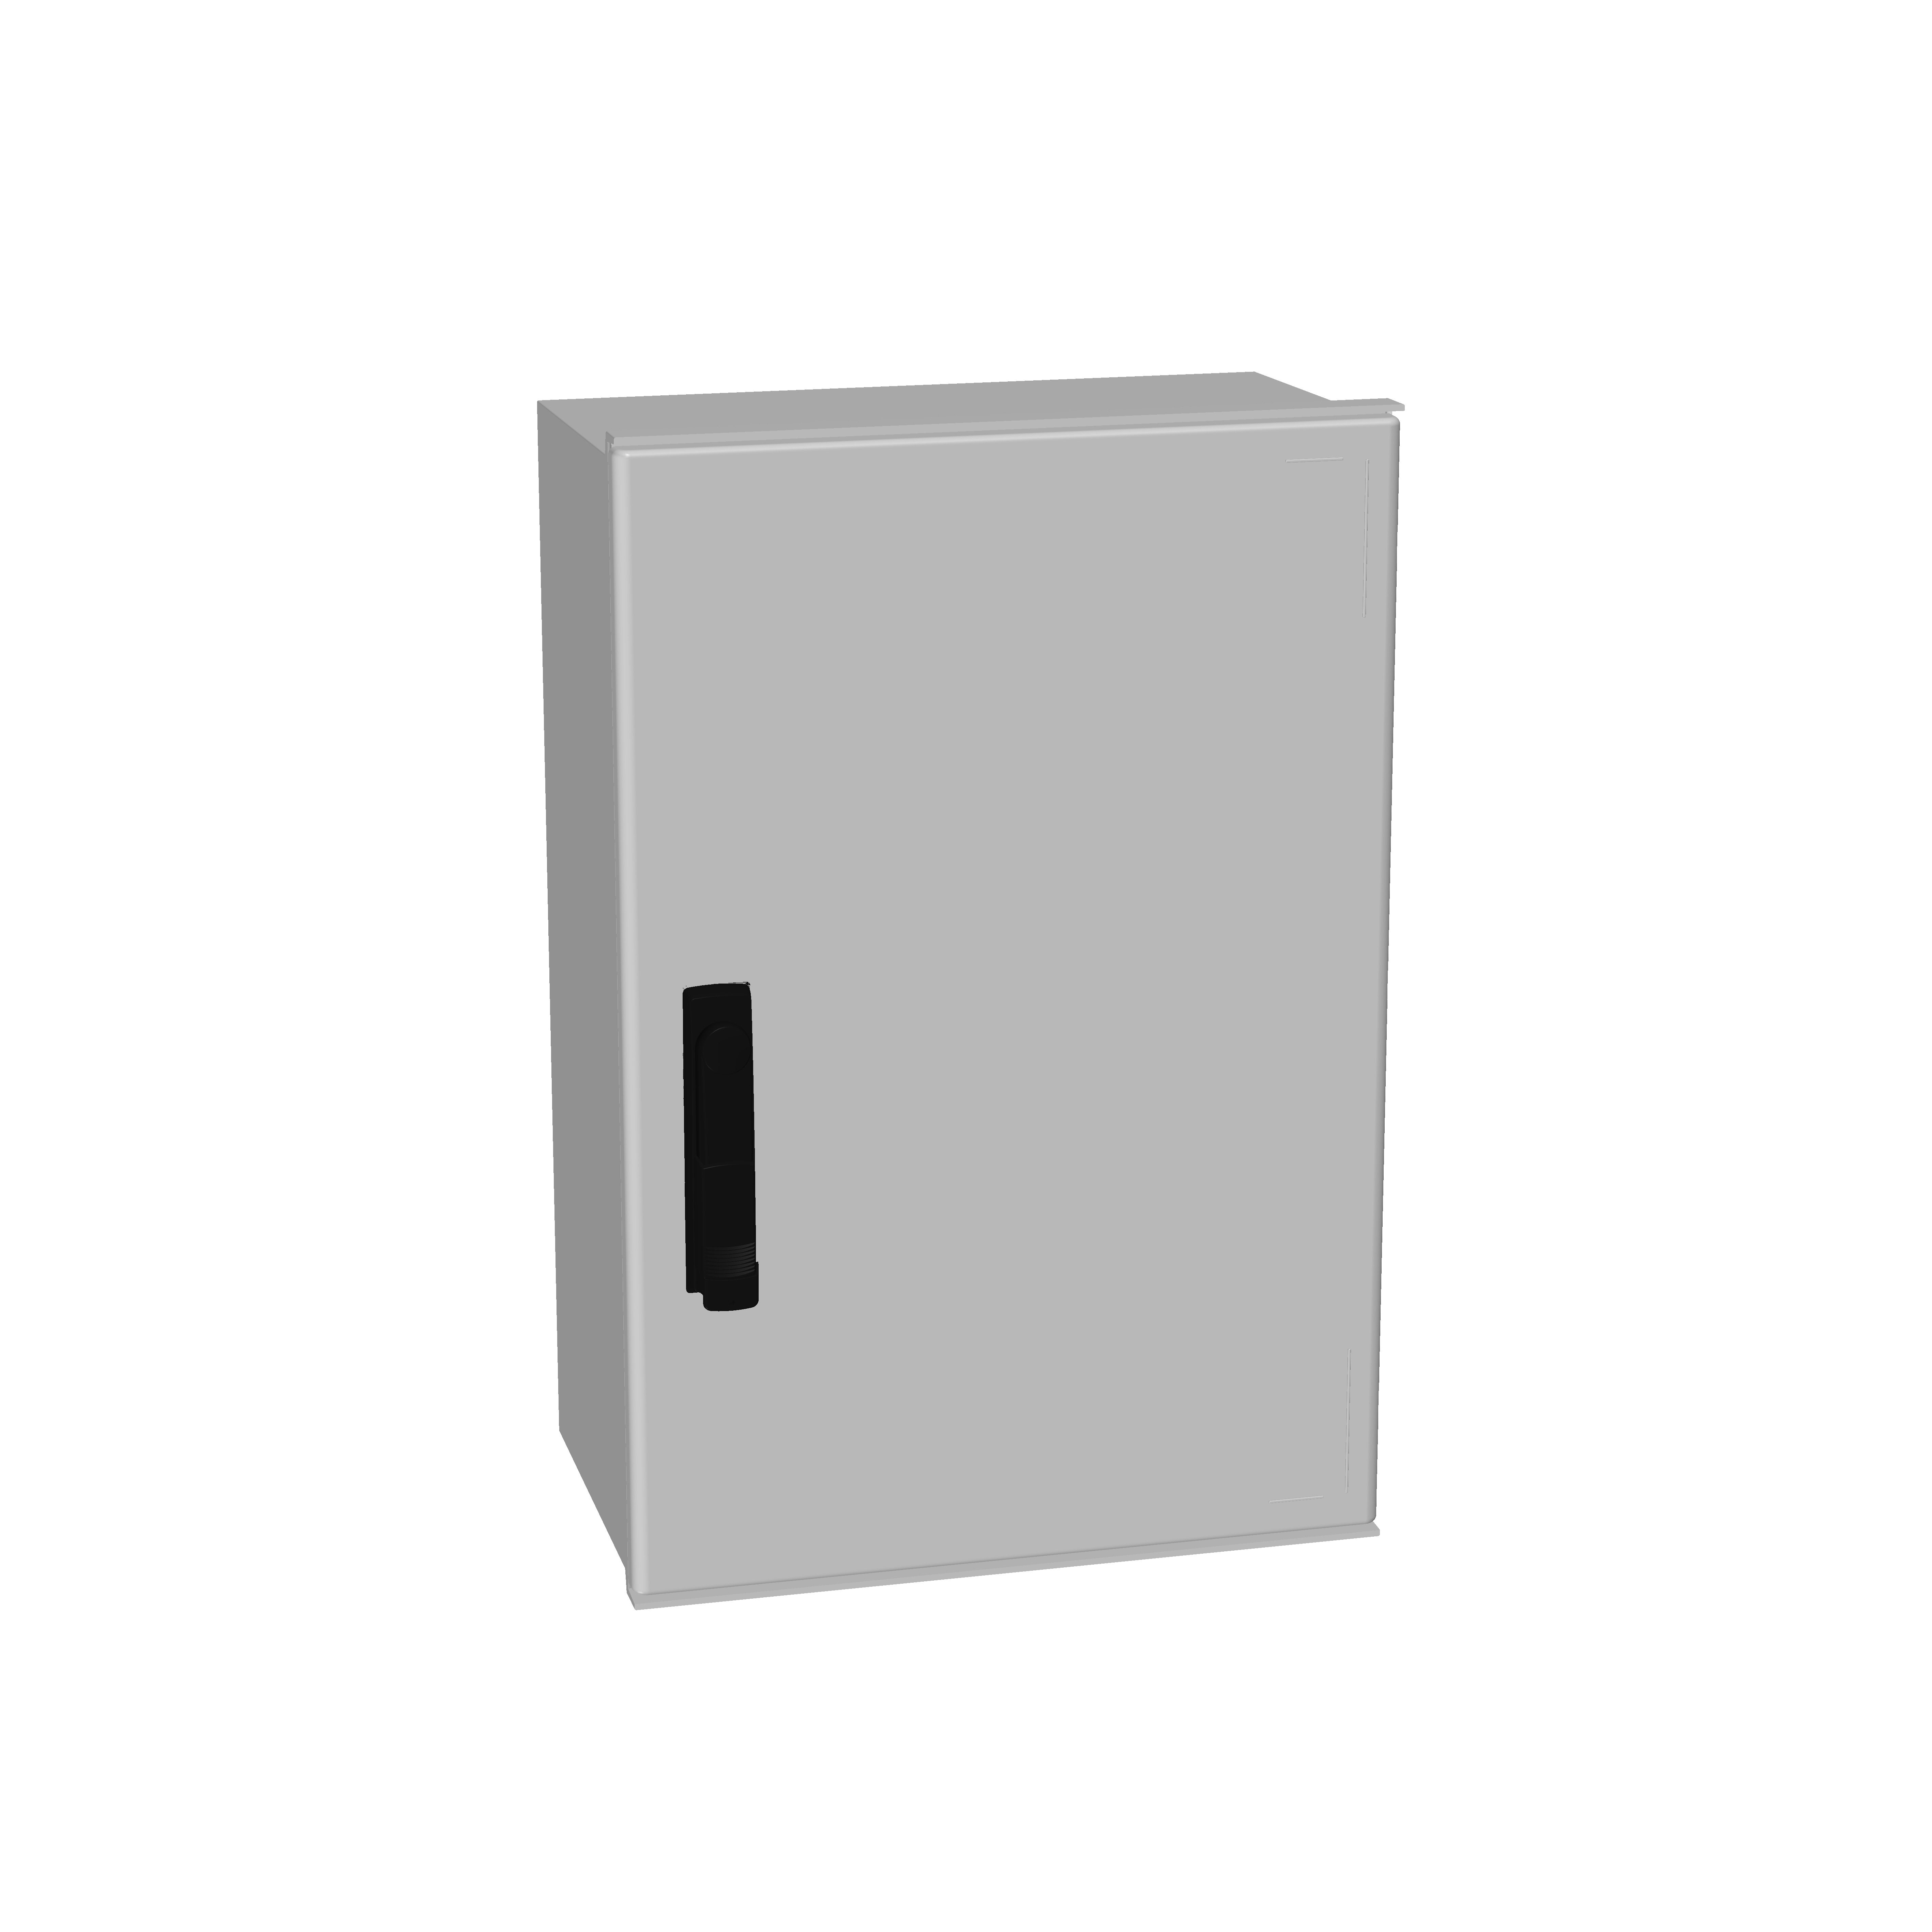 1 Stk Minipol-Wandschrank 3-Punkt Stangenverschl. 600x400x230mm IM088864--